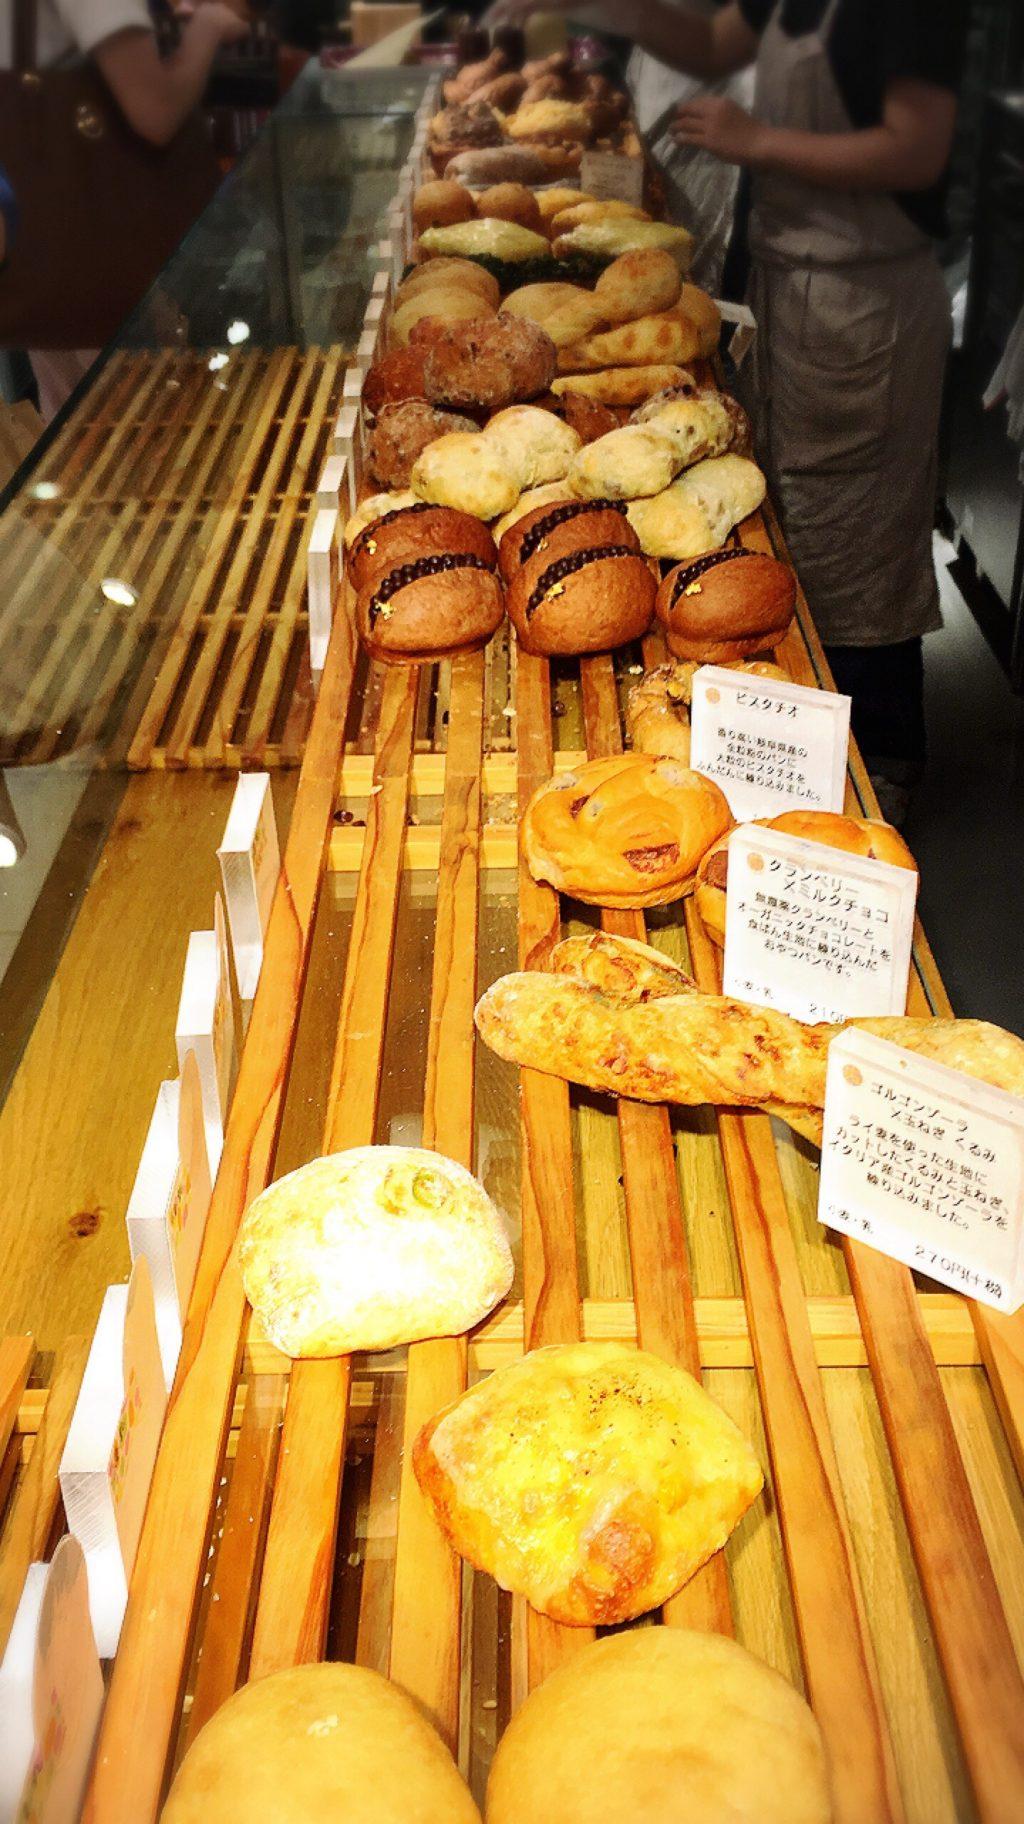 大人気パン屋「365日」のパン